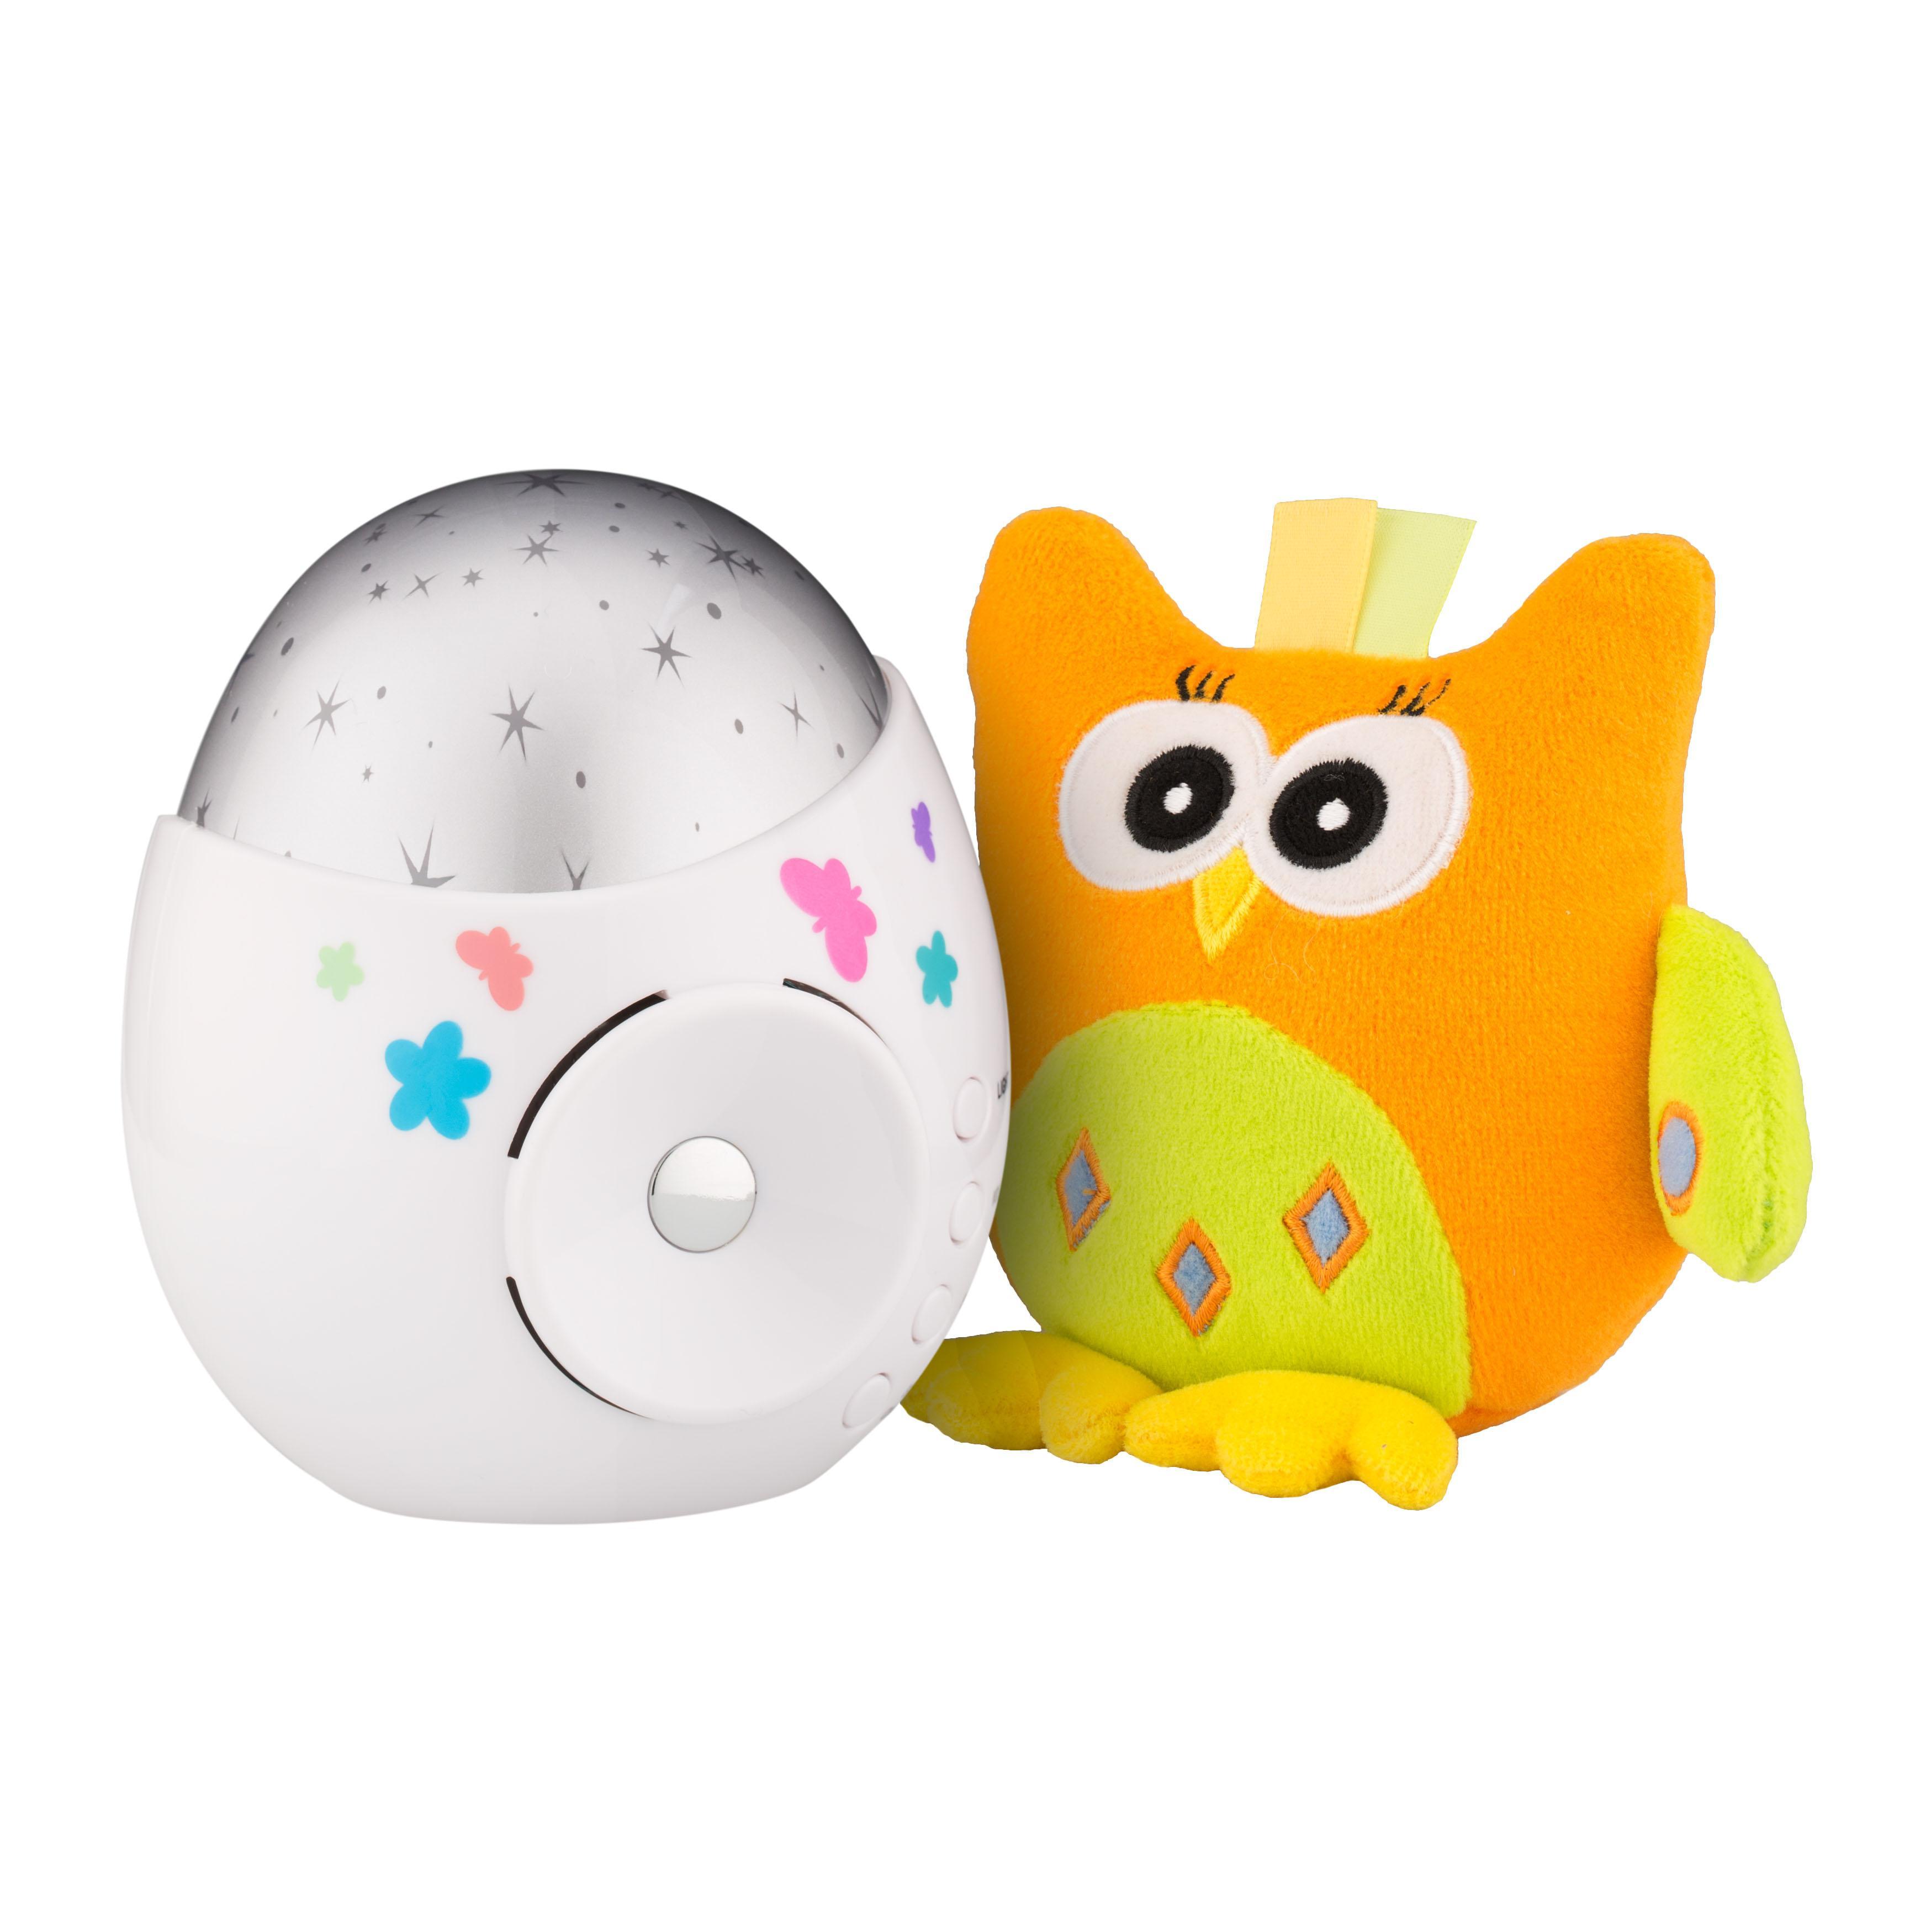 Купить Roxy-kids Ночник-проектор звездного неба «Colibri» с совой, Китай